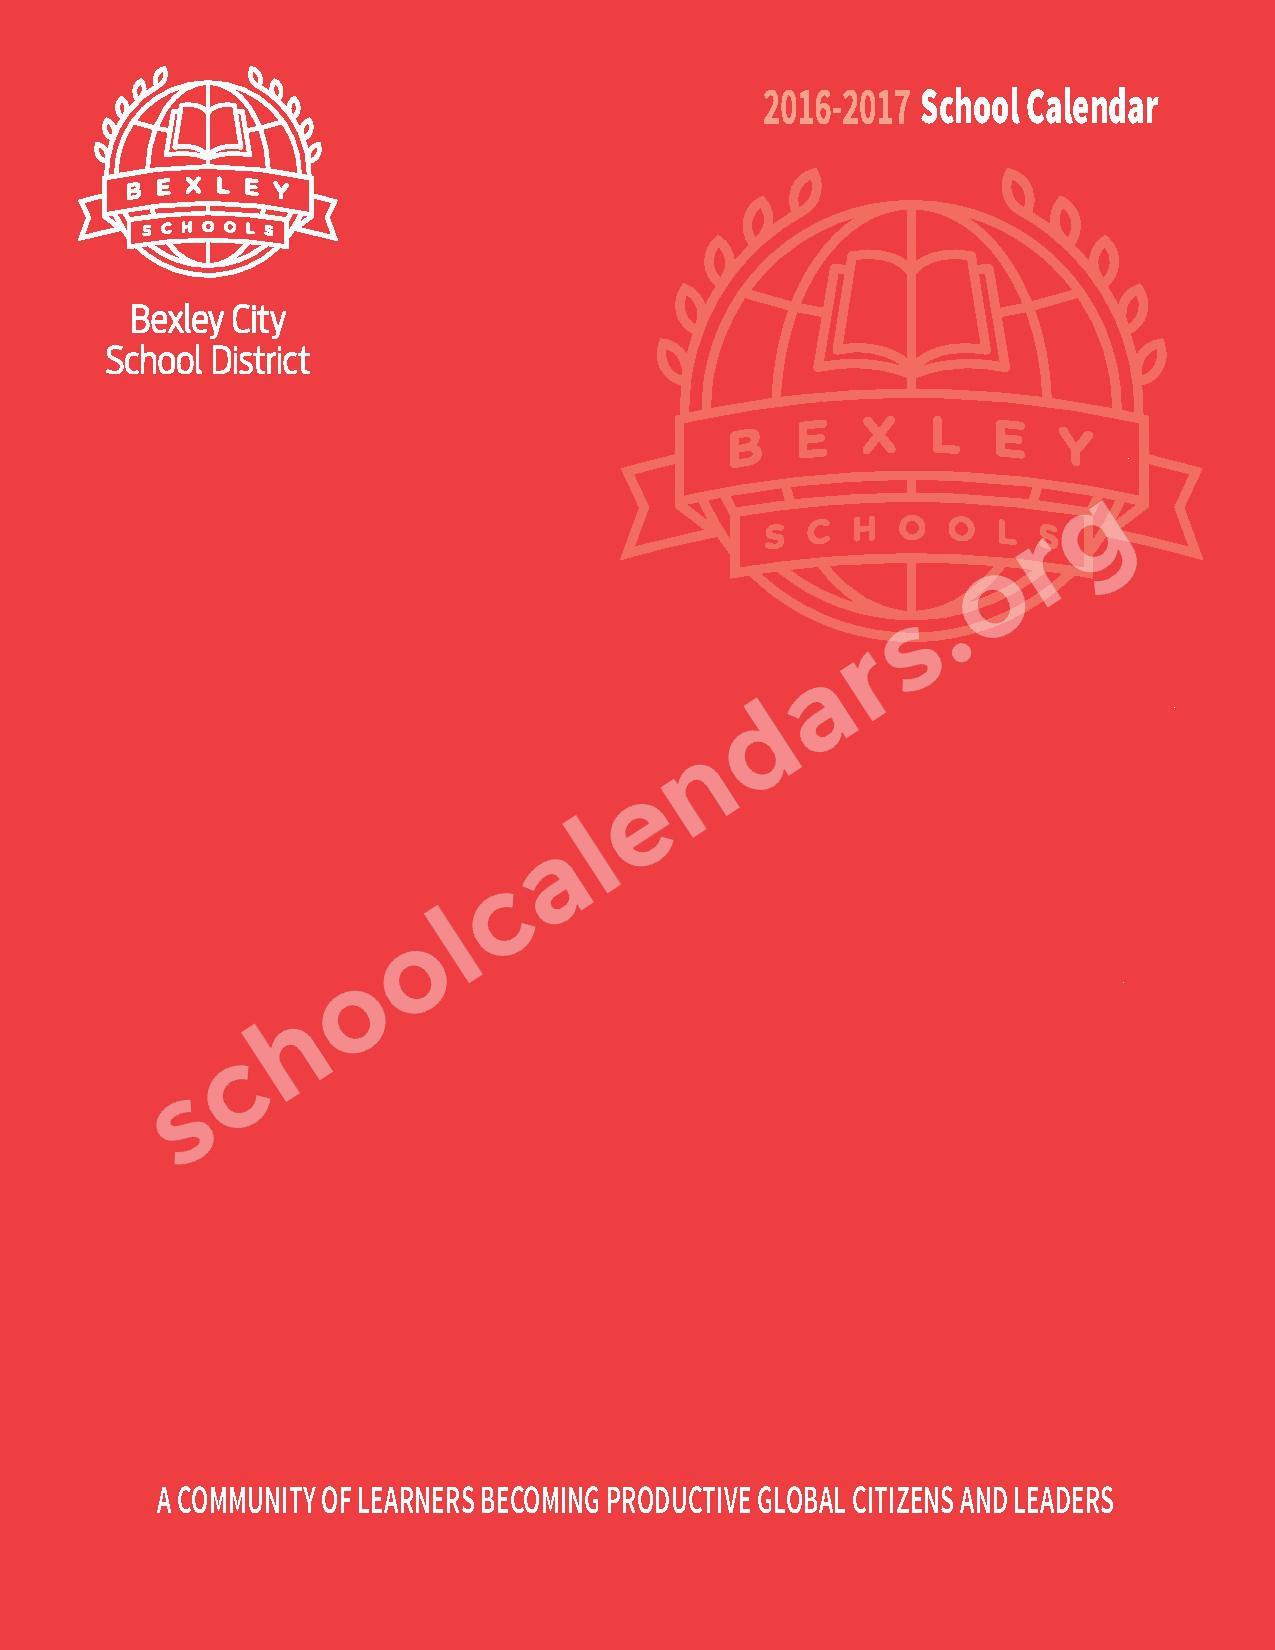 2016 - 2017 School Calendar – Bexley City School District – page 1